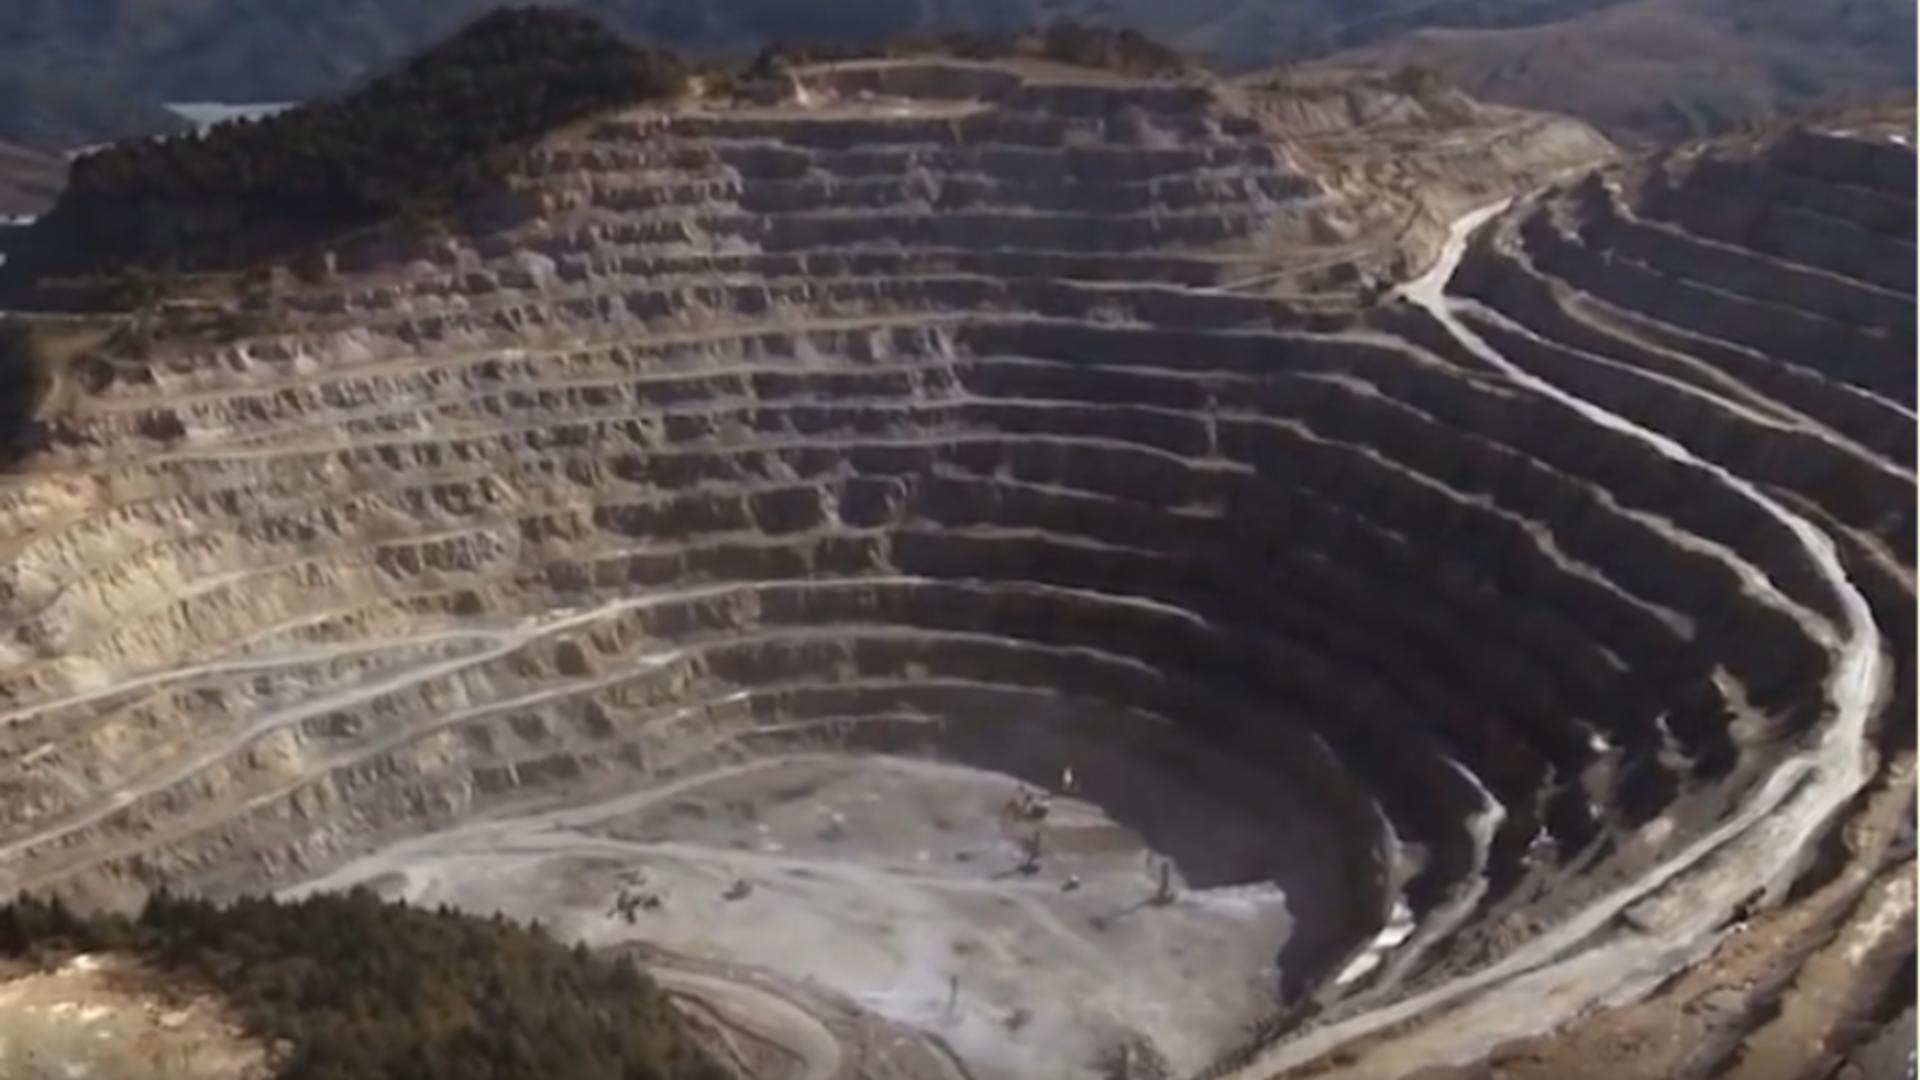 Exploatare minieră Roșia Montană / Captură foto